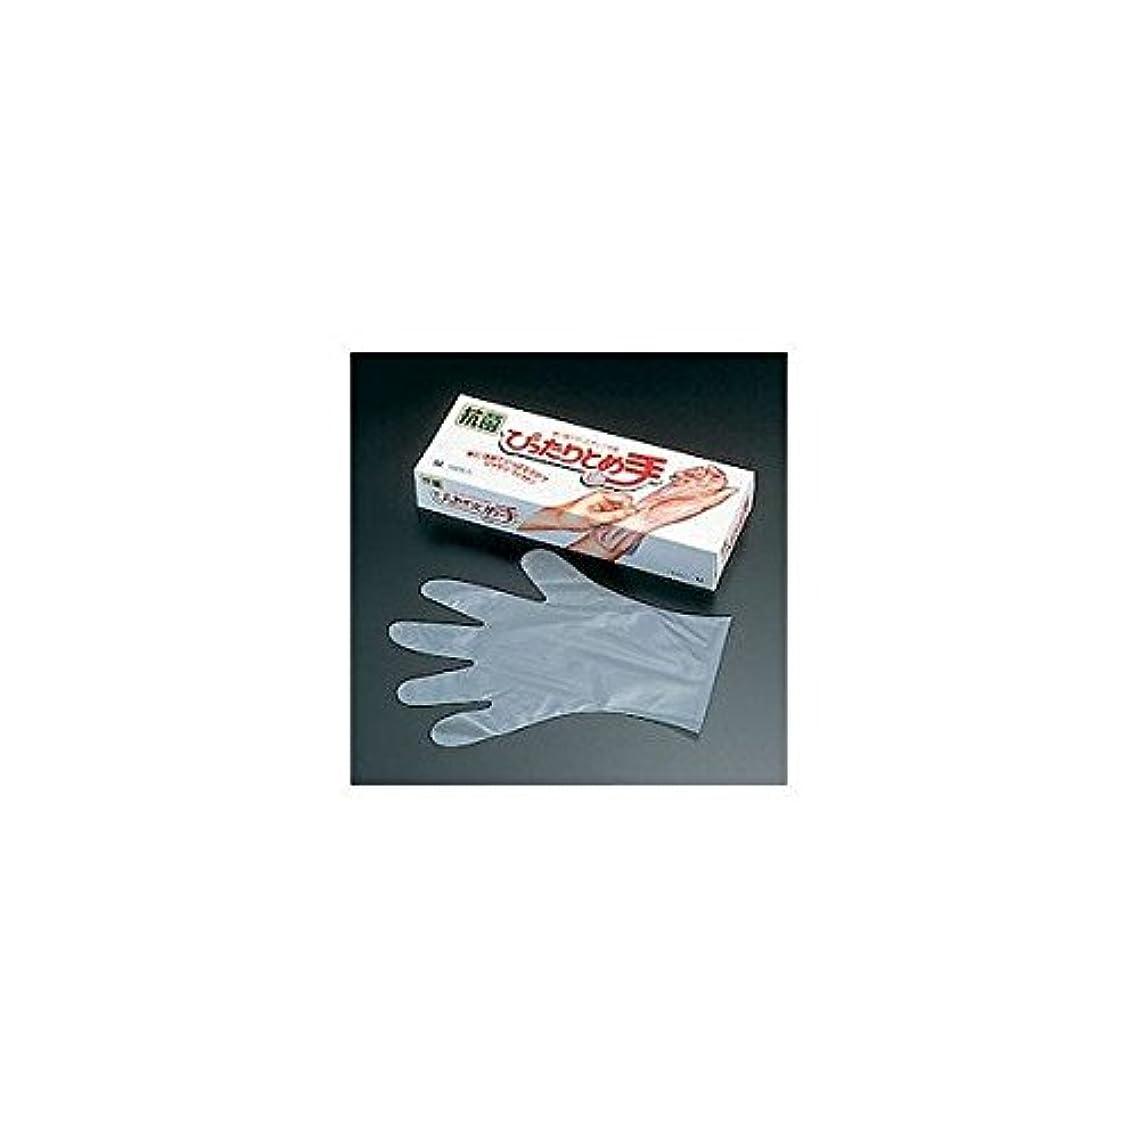 受け入れた暴力的な通訳リケンファブロ 手袋 抗菌ぴったりとめ手 S (100枚入) STB431